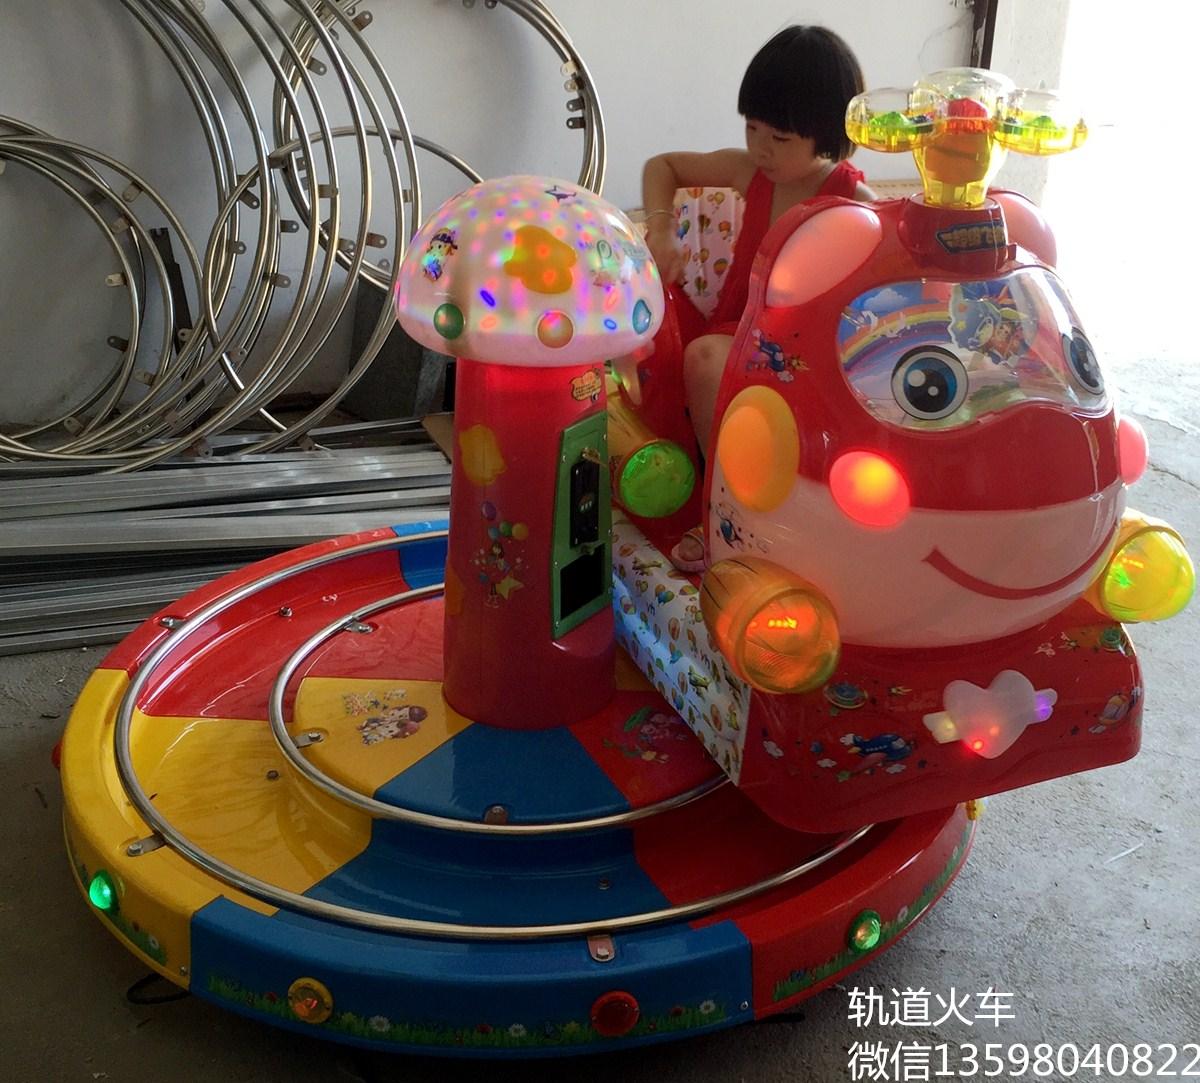 西安渭南游乐园带轨道投币遥控火车,儿童游乐场游乐设备上门安装